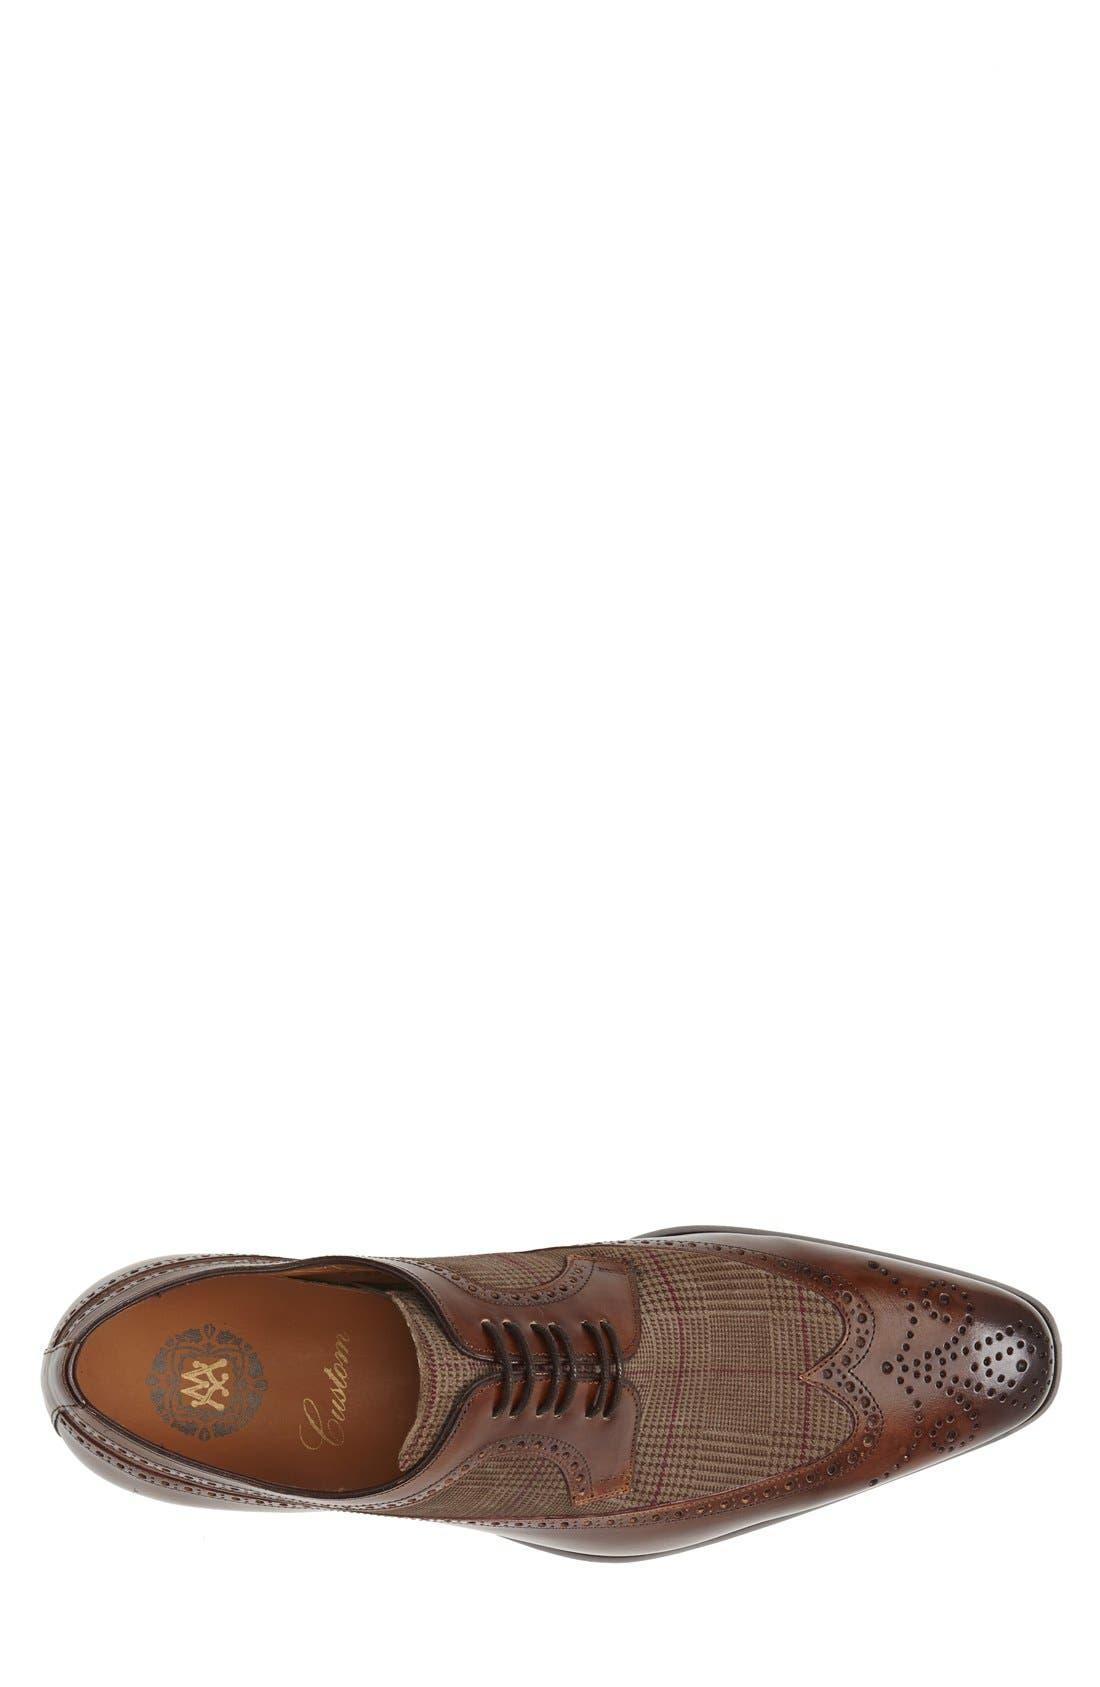 'Johann' Spectator Shoe,                             Alternate thumbnail 4, color,